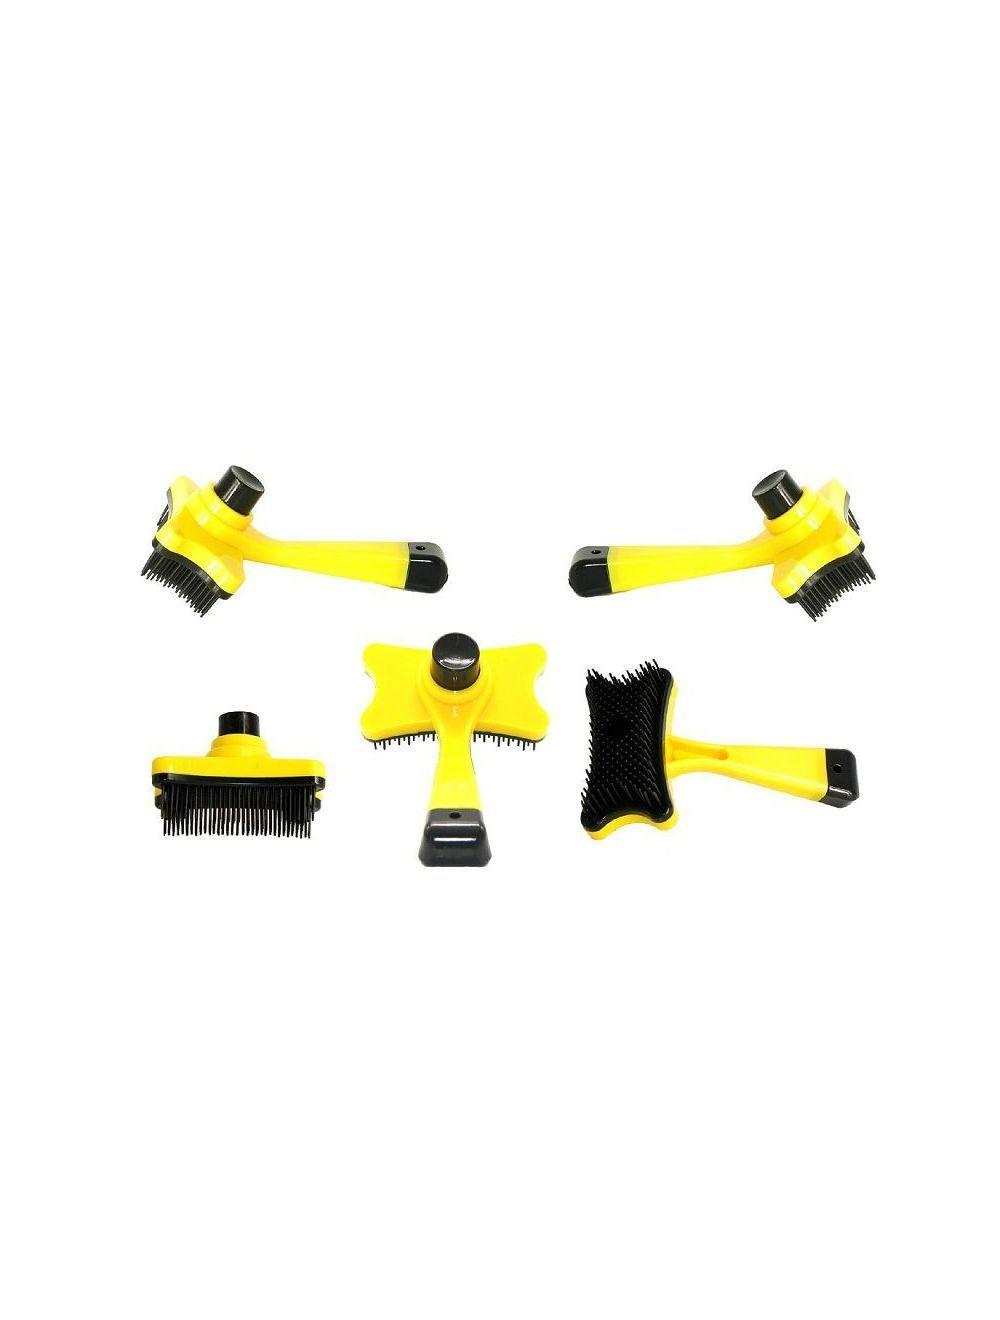 Cepillo con botón de limpieza amarillo - Ciudaddemascotas.com